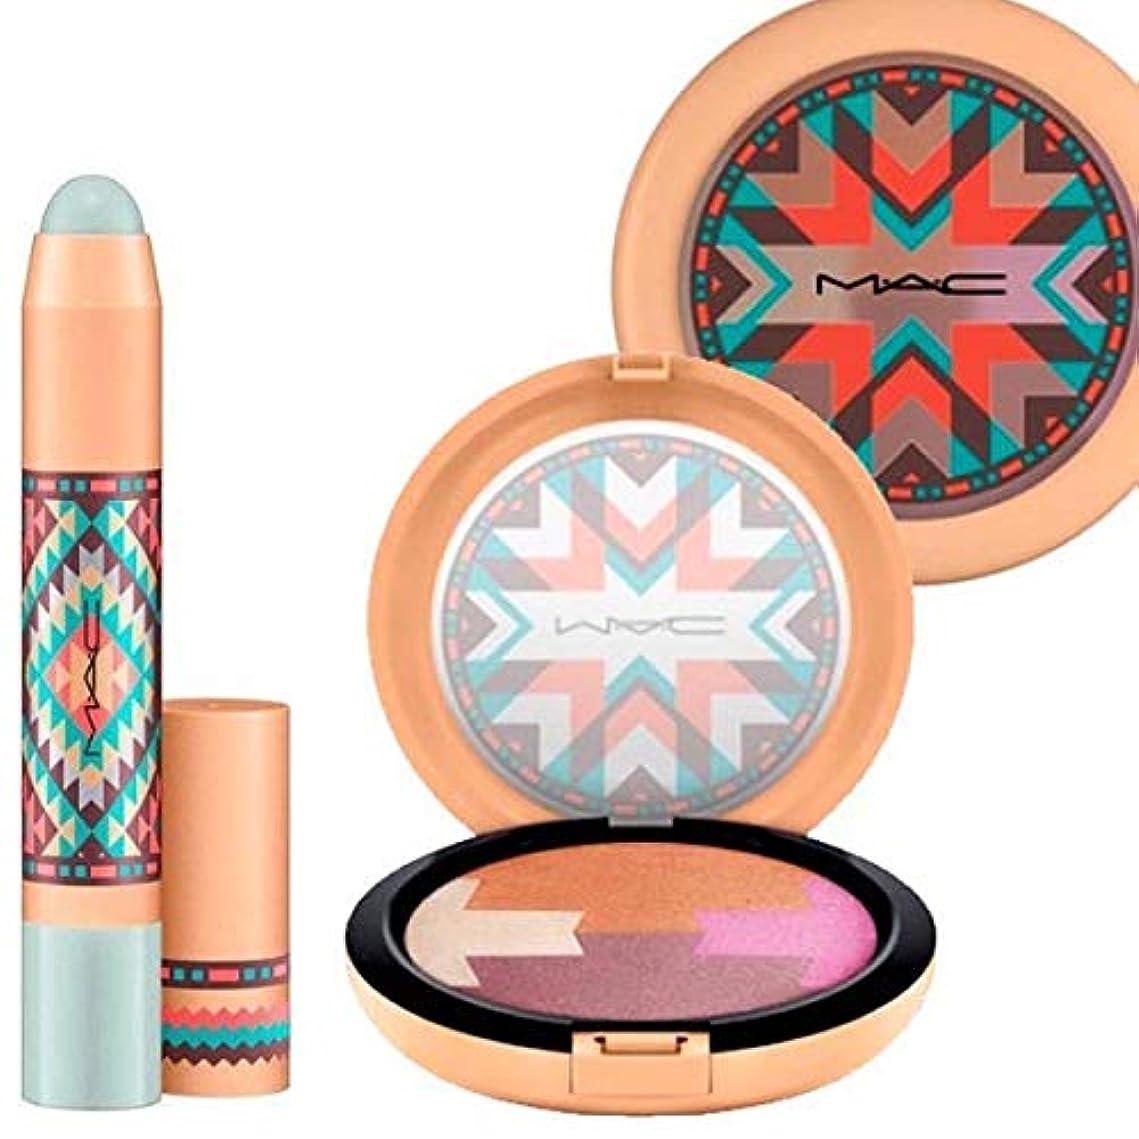 テレマコスところで大学M.A.C ?マック, 限定版 !!! Vibe Tribe/Gleamtones Powder & Desert Evening Lip Pencil [海外直送品] [並行輸入品]